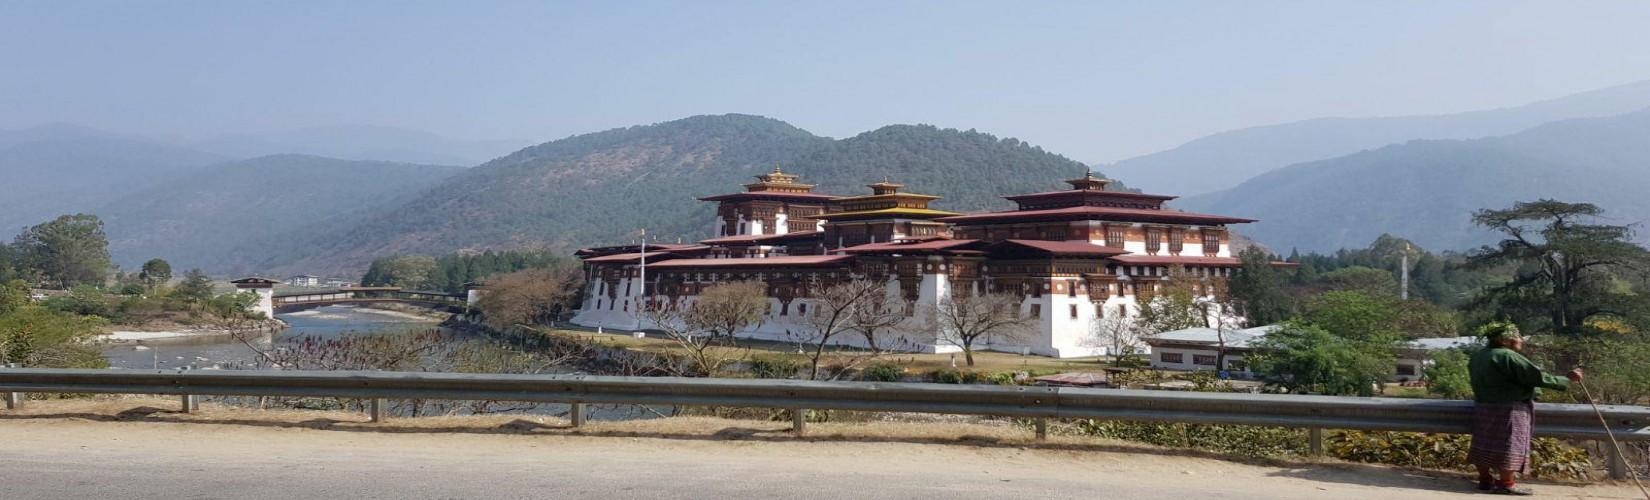 Bhutan winter Tour 7 days